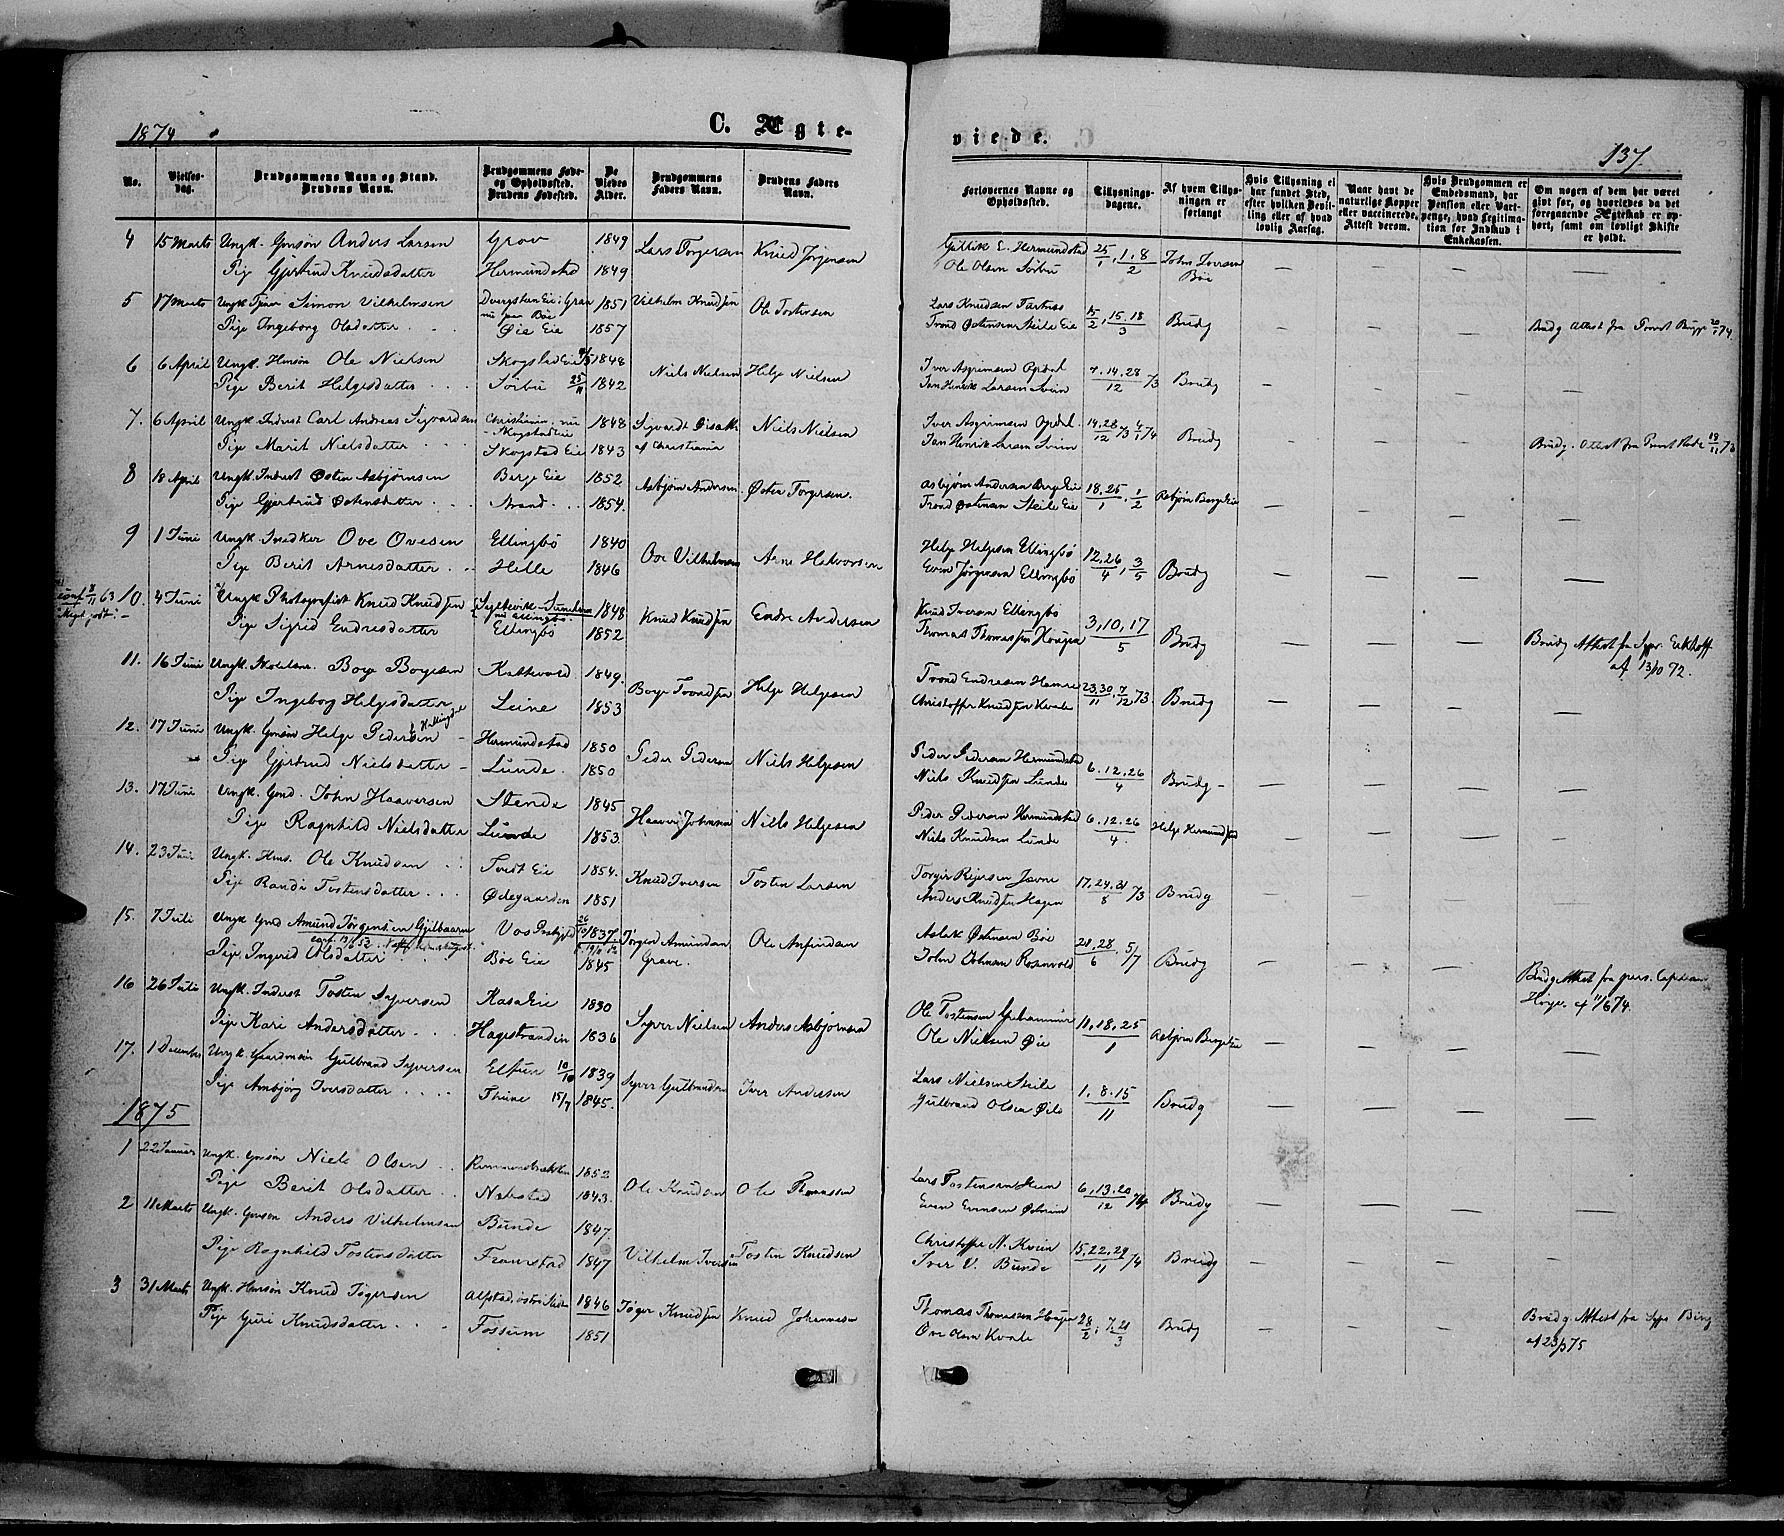 SAH, Vang prestekontor, Valdres, Ministerialbok nr. 7, 1865-1881, s. 137